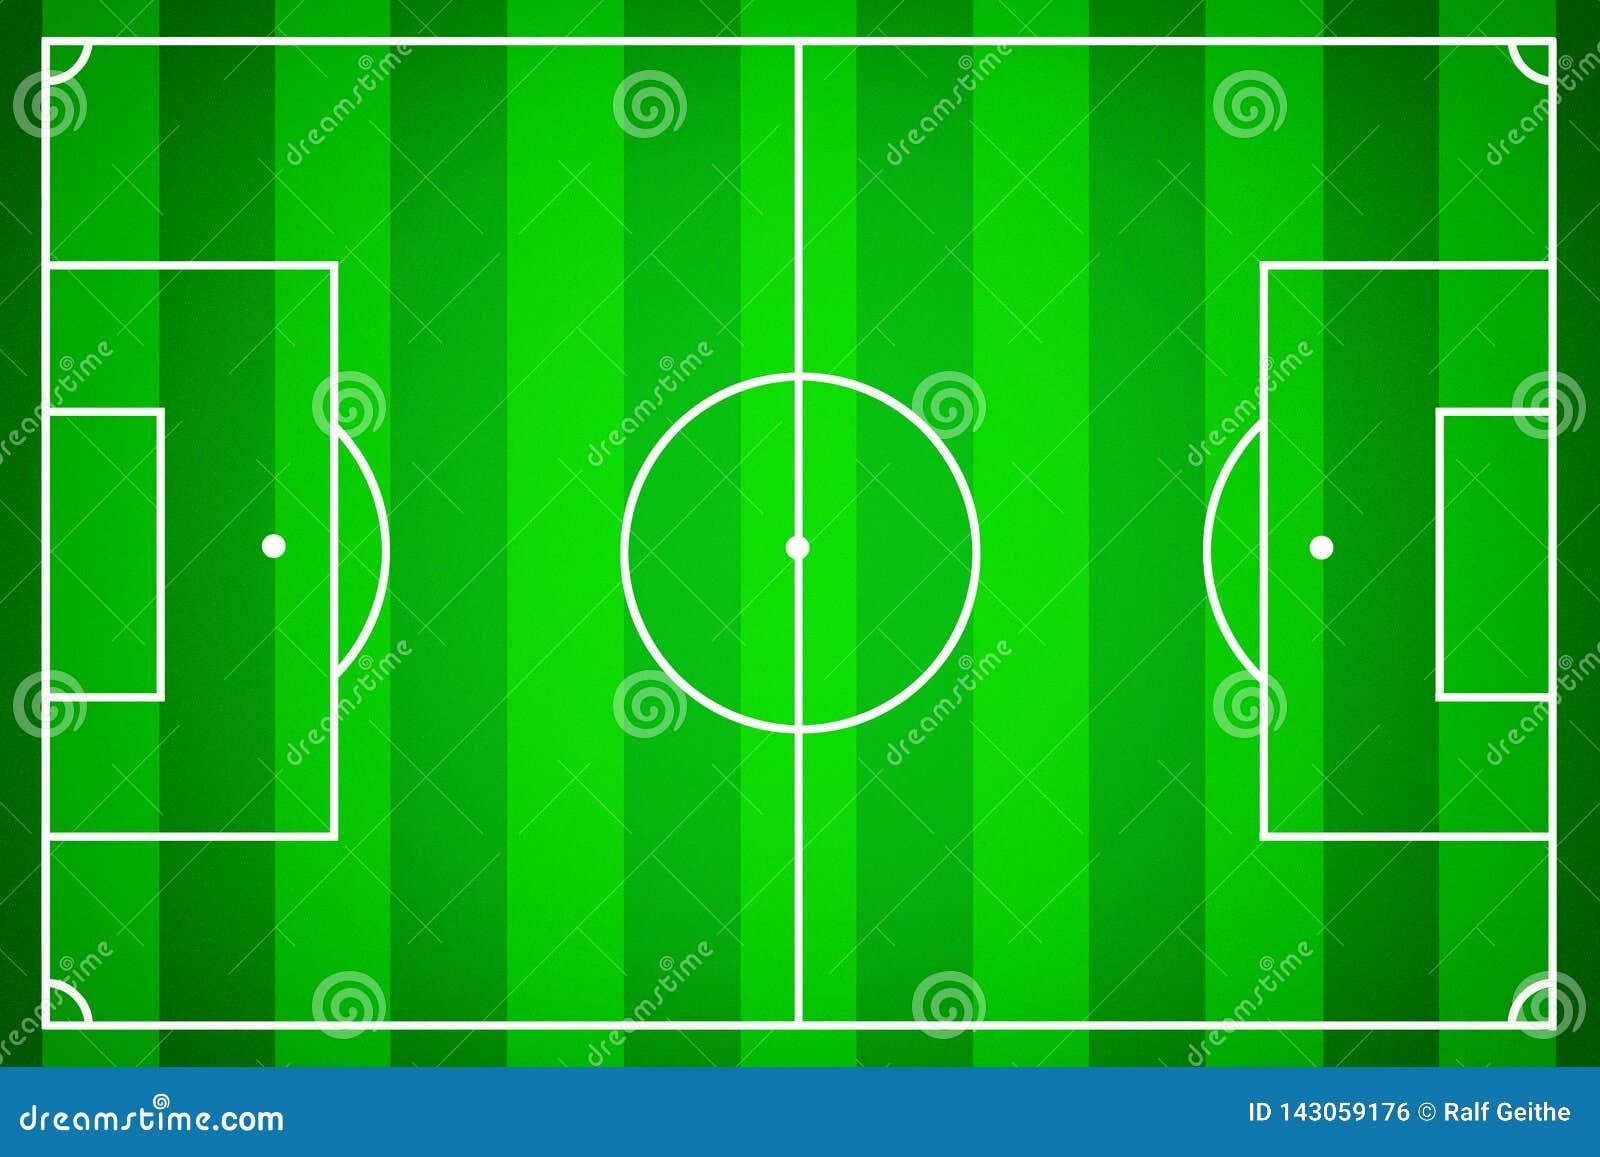 Футбольное поле как шаблон для футбола